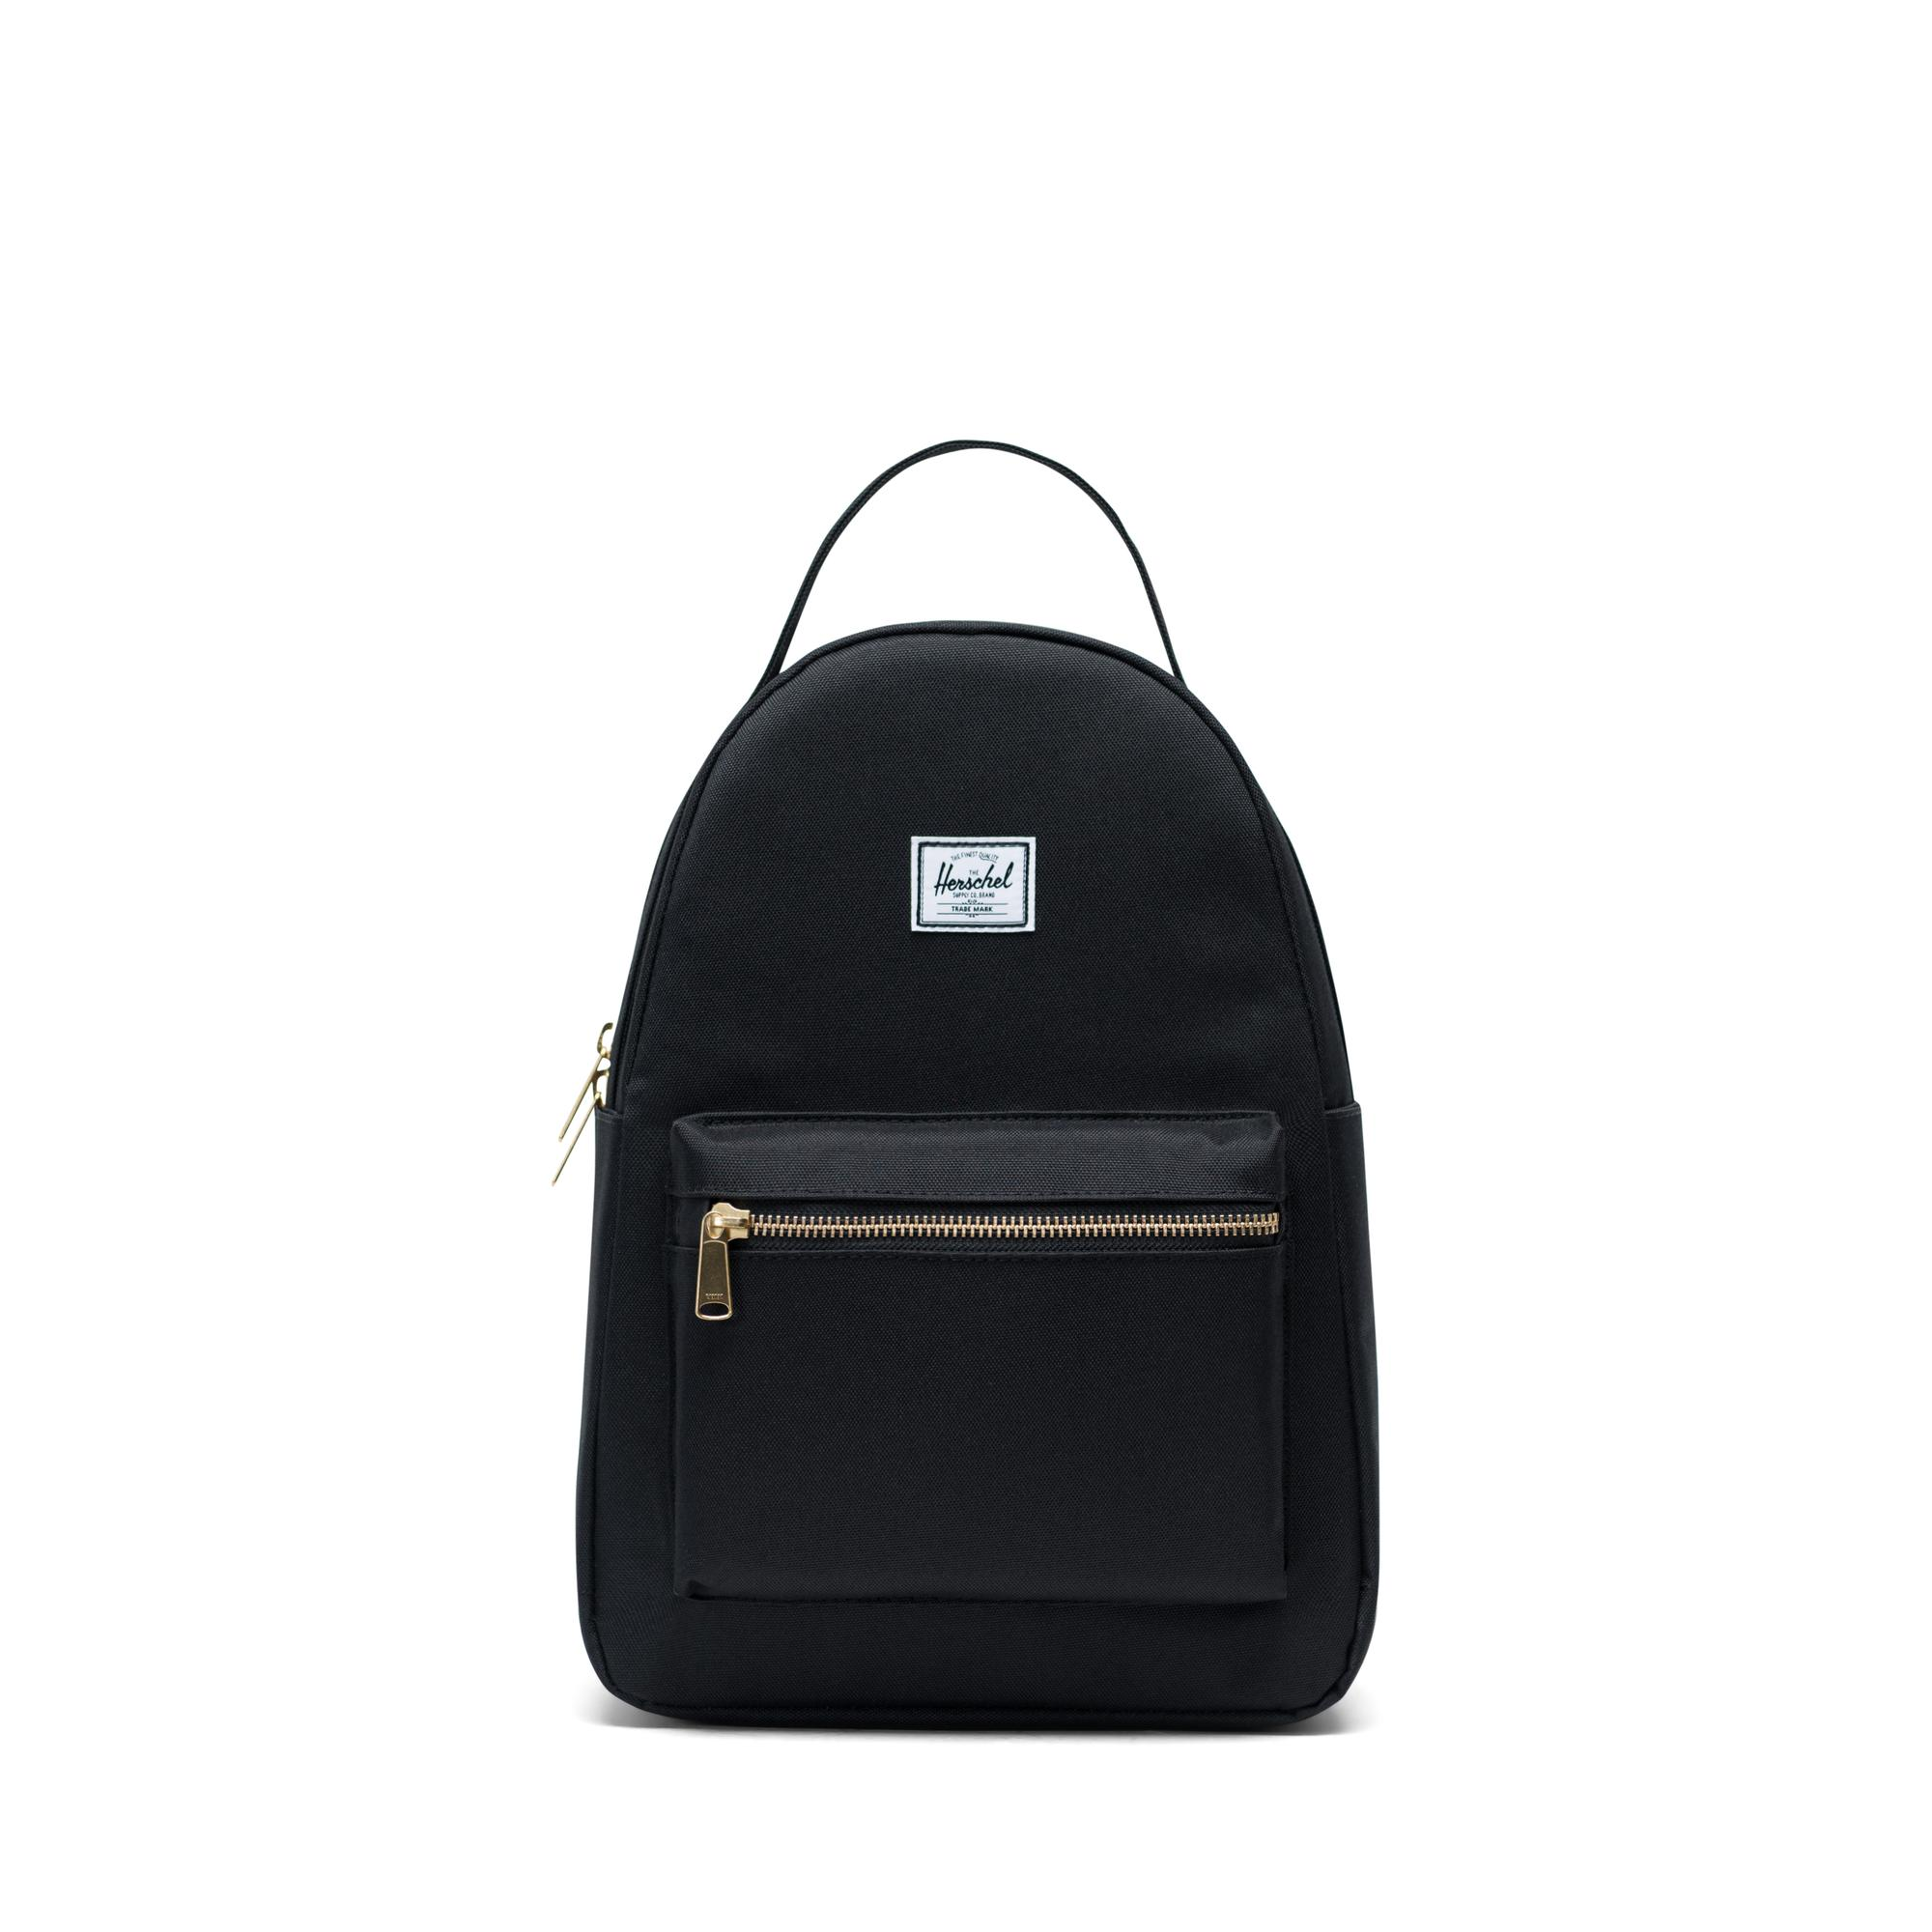 8625b2ef5d1 Nova Backpack XS